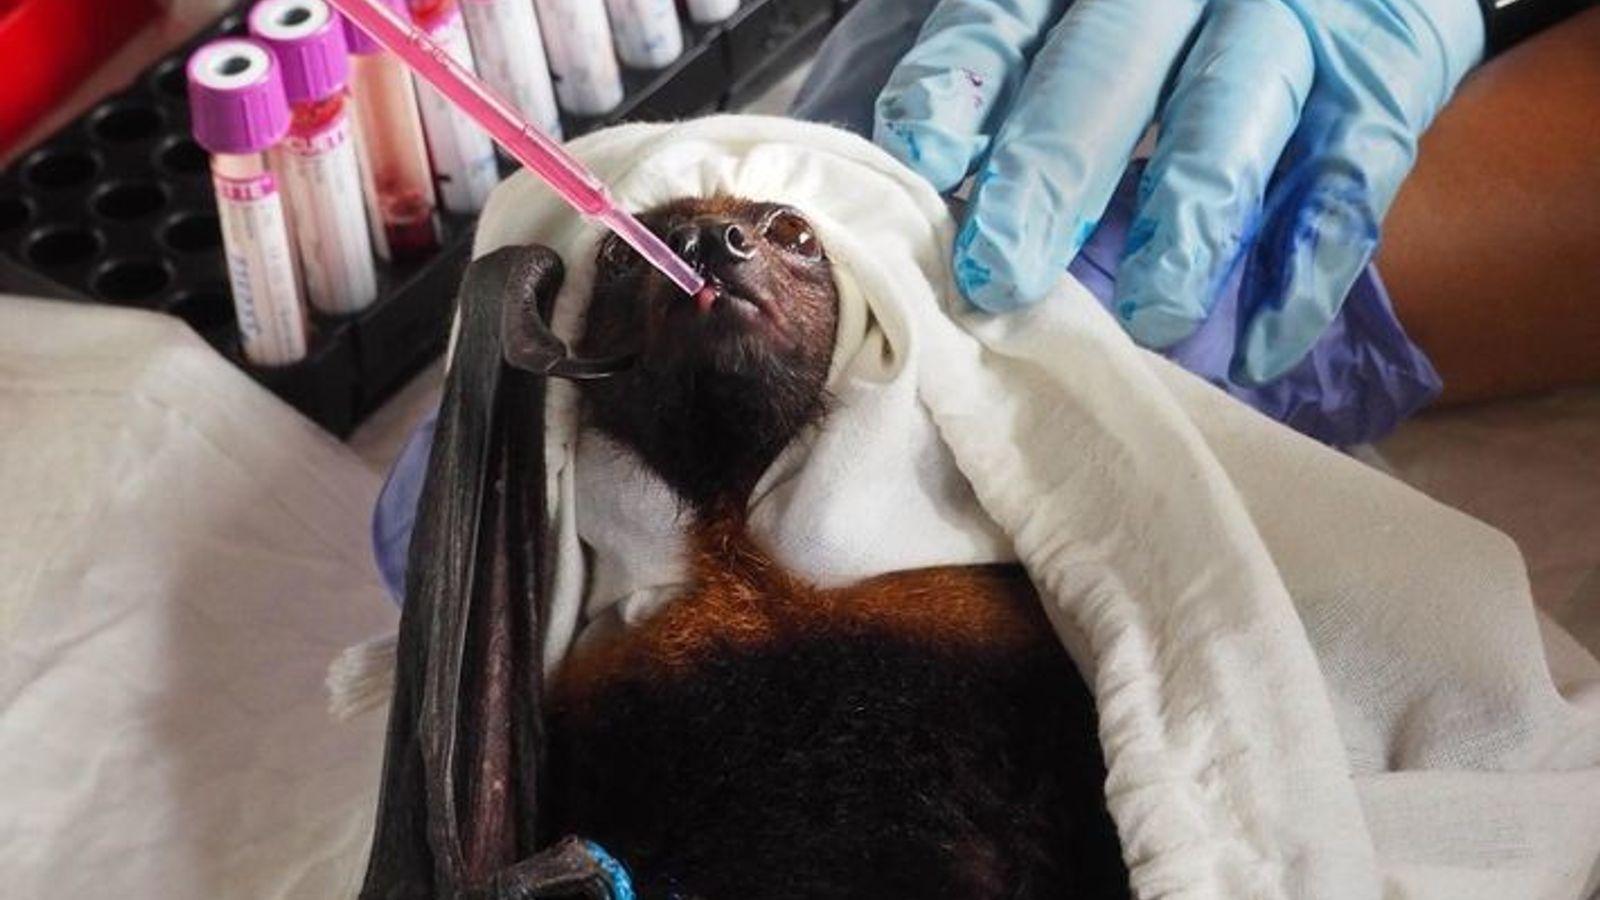 Antes de ser liberado, un murciélago de la fruta recibe un sorbo de alimento después de ...